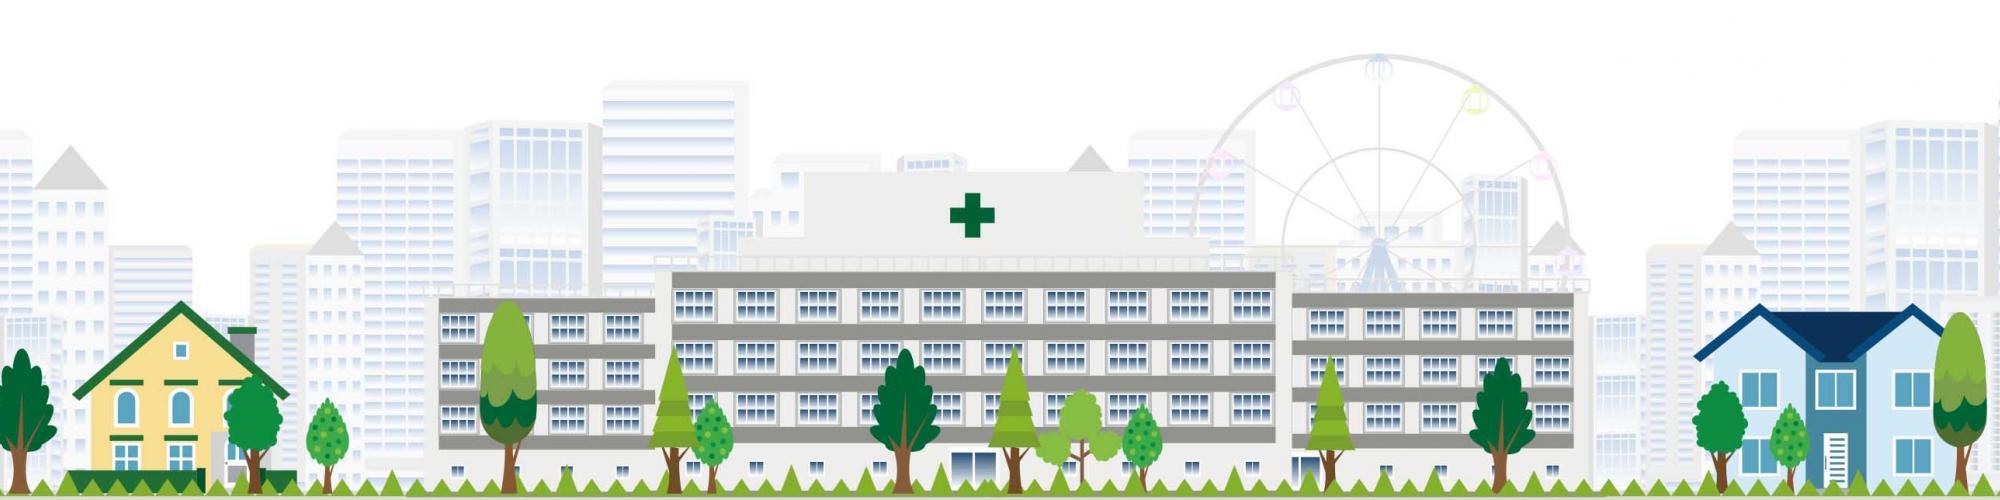 Klinikum Itzehoe - Zweckverband des Kreises Steinburg und der Stadt Itzehoe